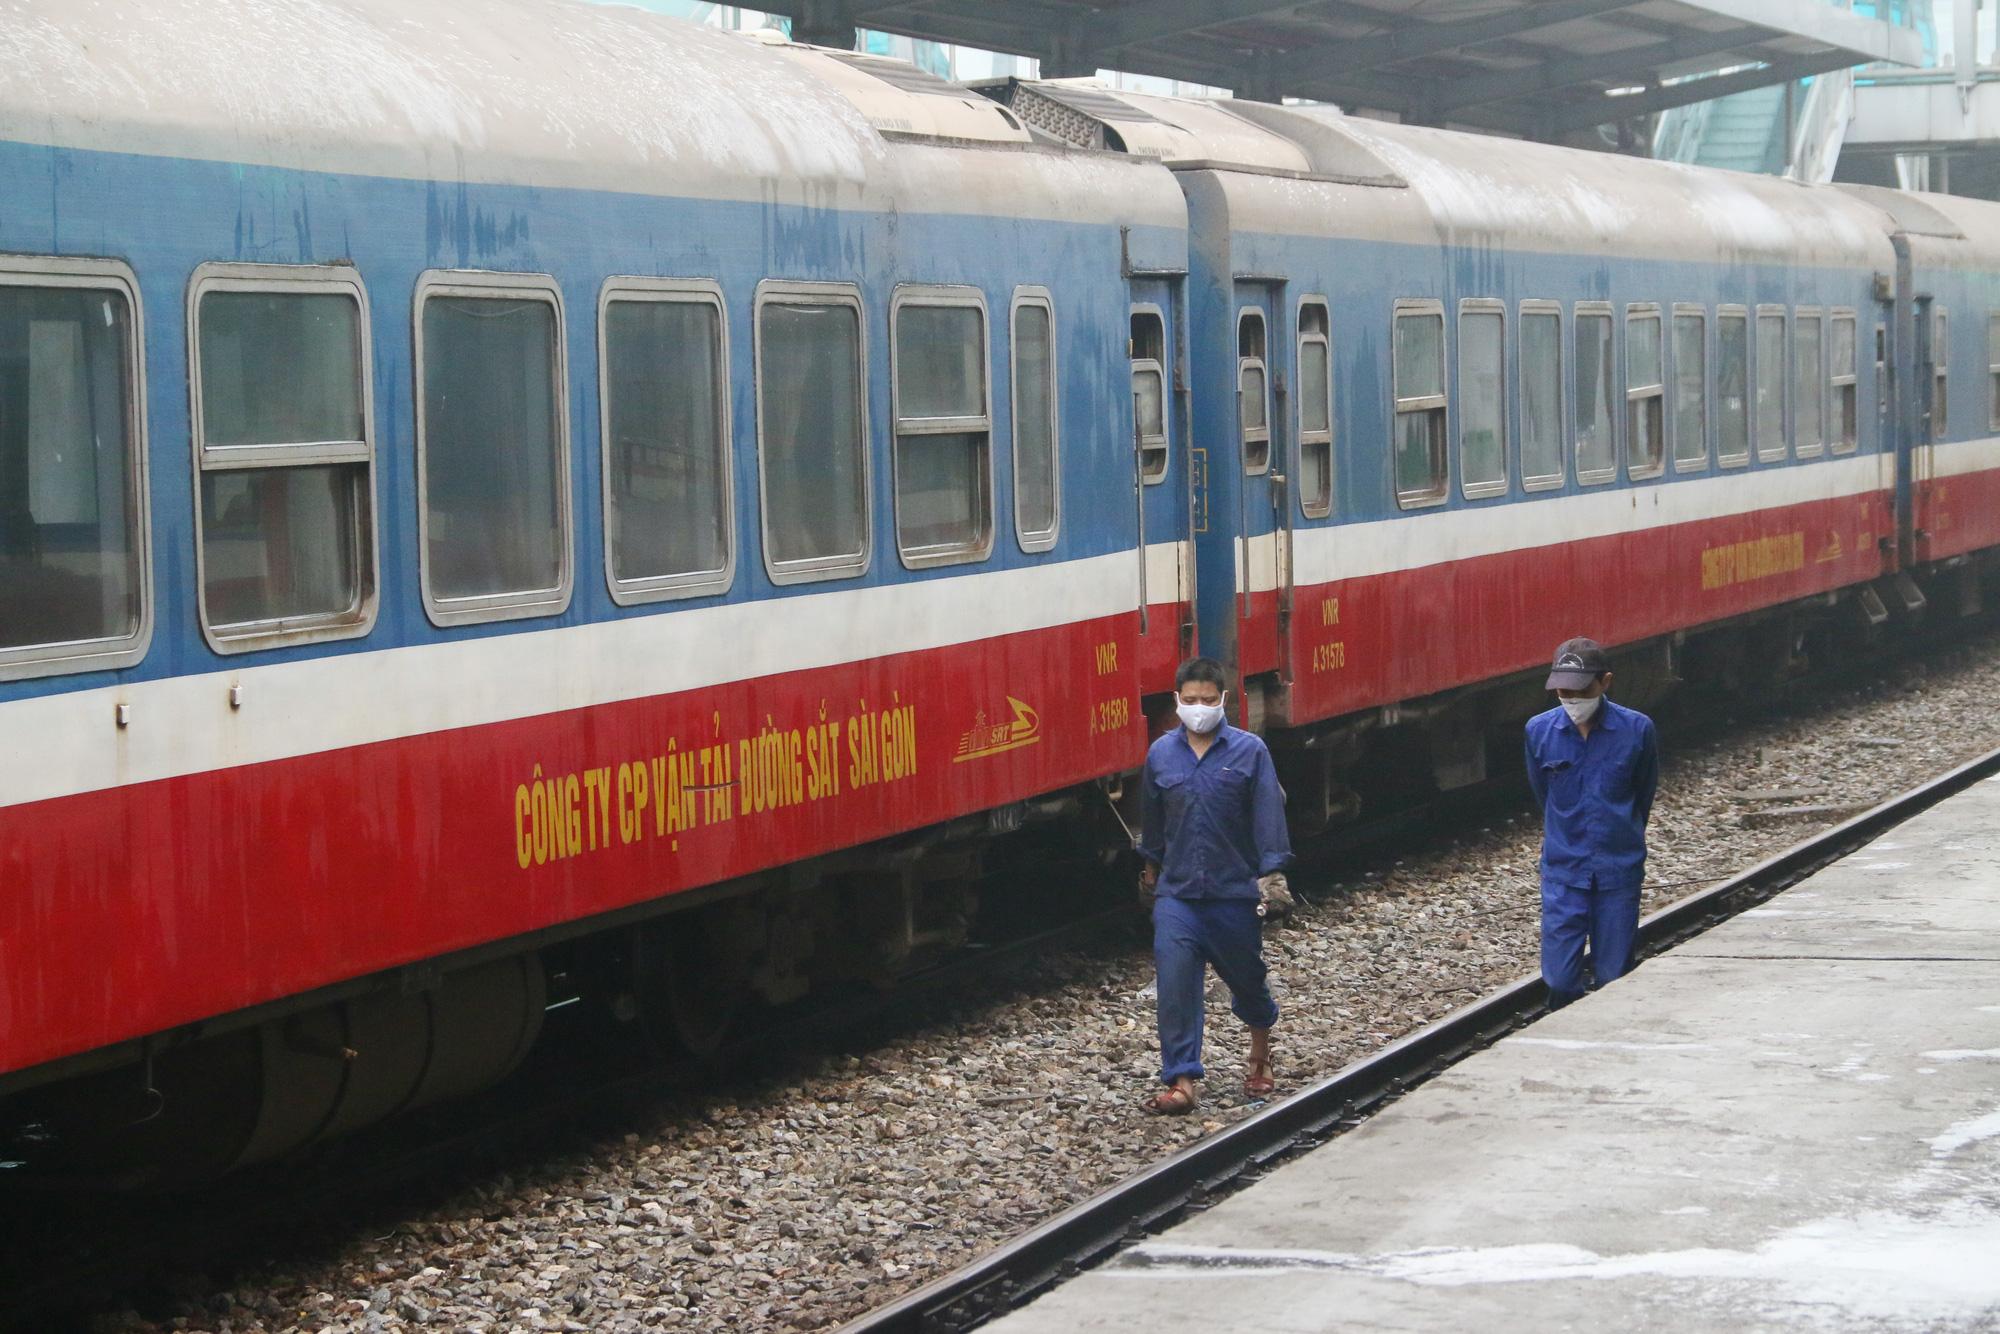 Cảnh vắng lặng ở ga tàu, bến xe Hà Nội: Nhiều chuyến xe rời bến chỉ mình tài xế, không hành khách - Ảnh 12.